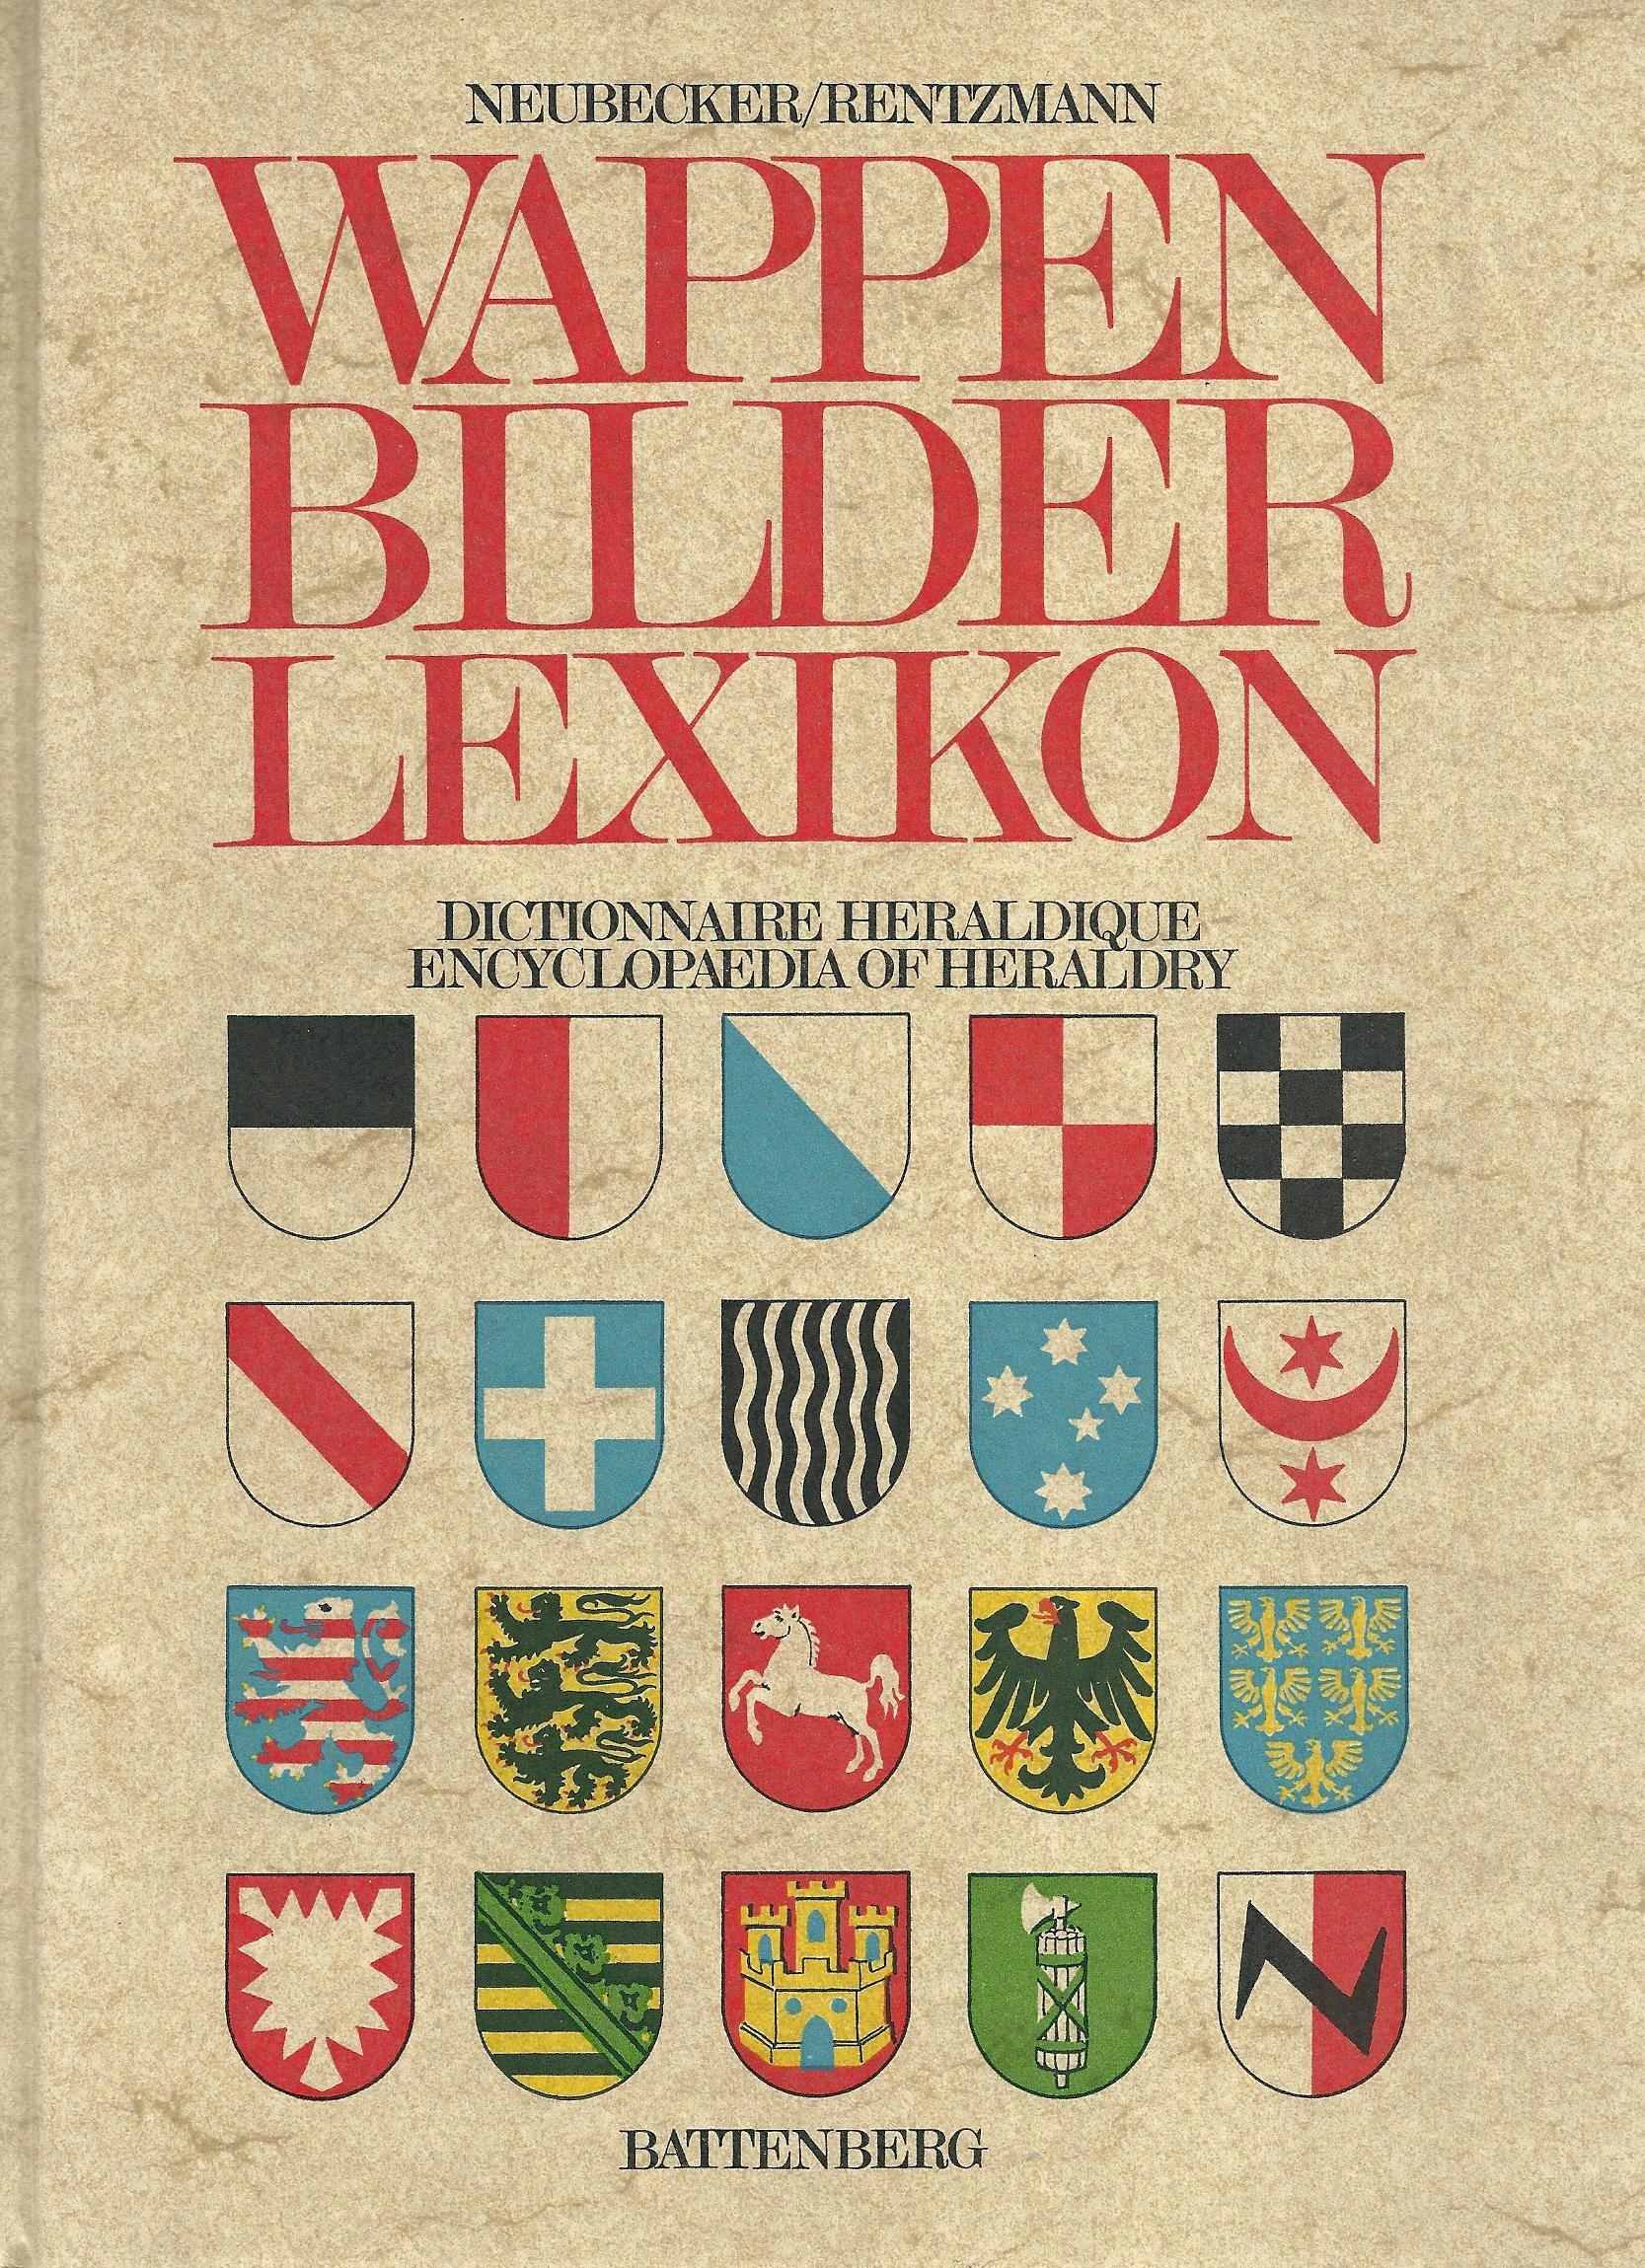 Wappen-Bilder-Lexikon.. Von der Antike bis zur Gegenwart.